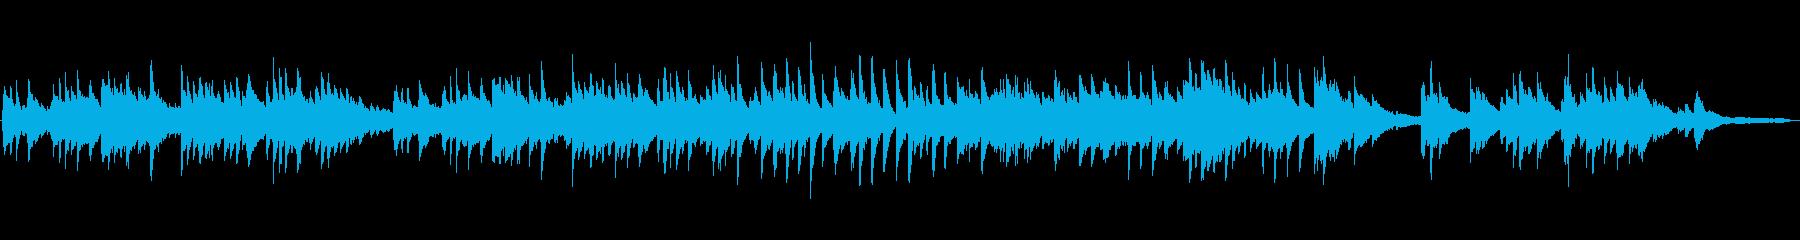 2分の切ないピアノソロ楽曲(柔らかい音色の再生済みの波形